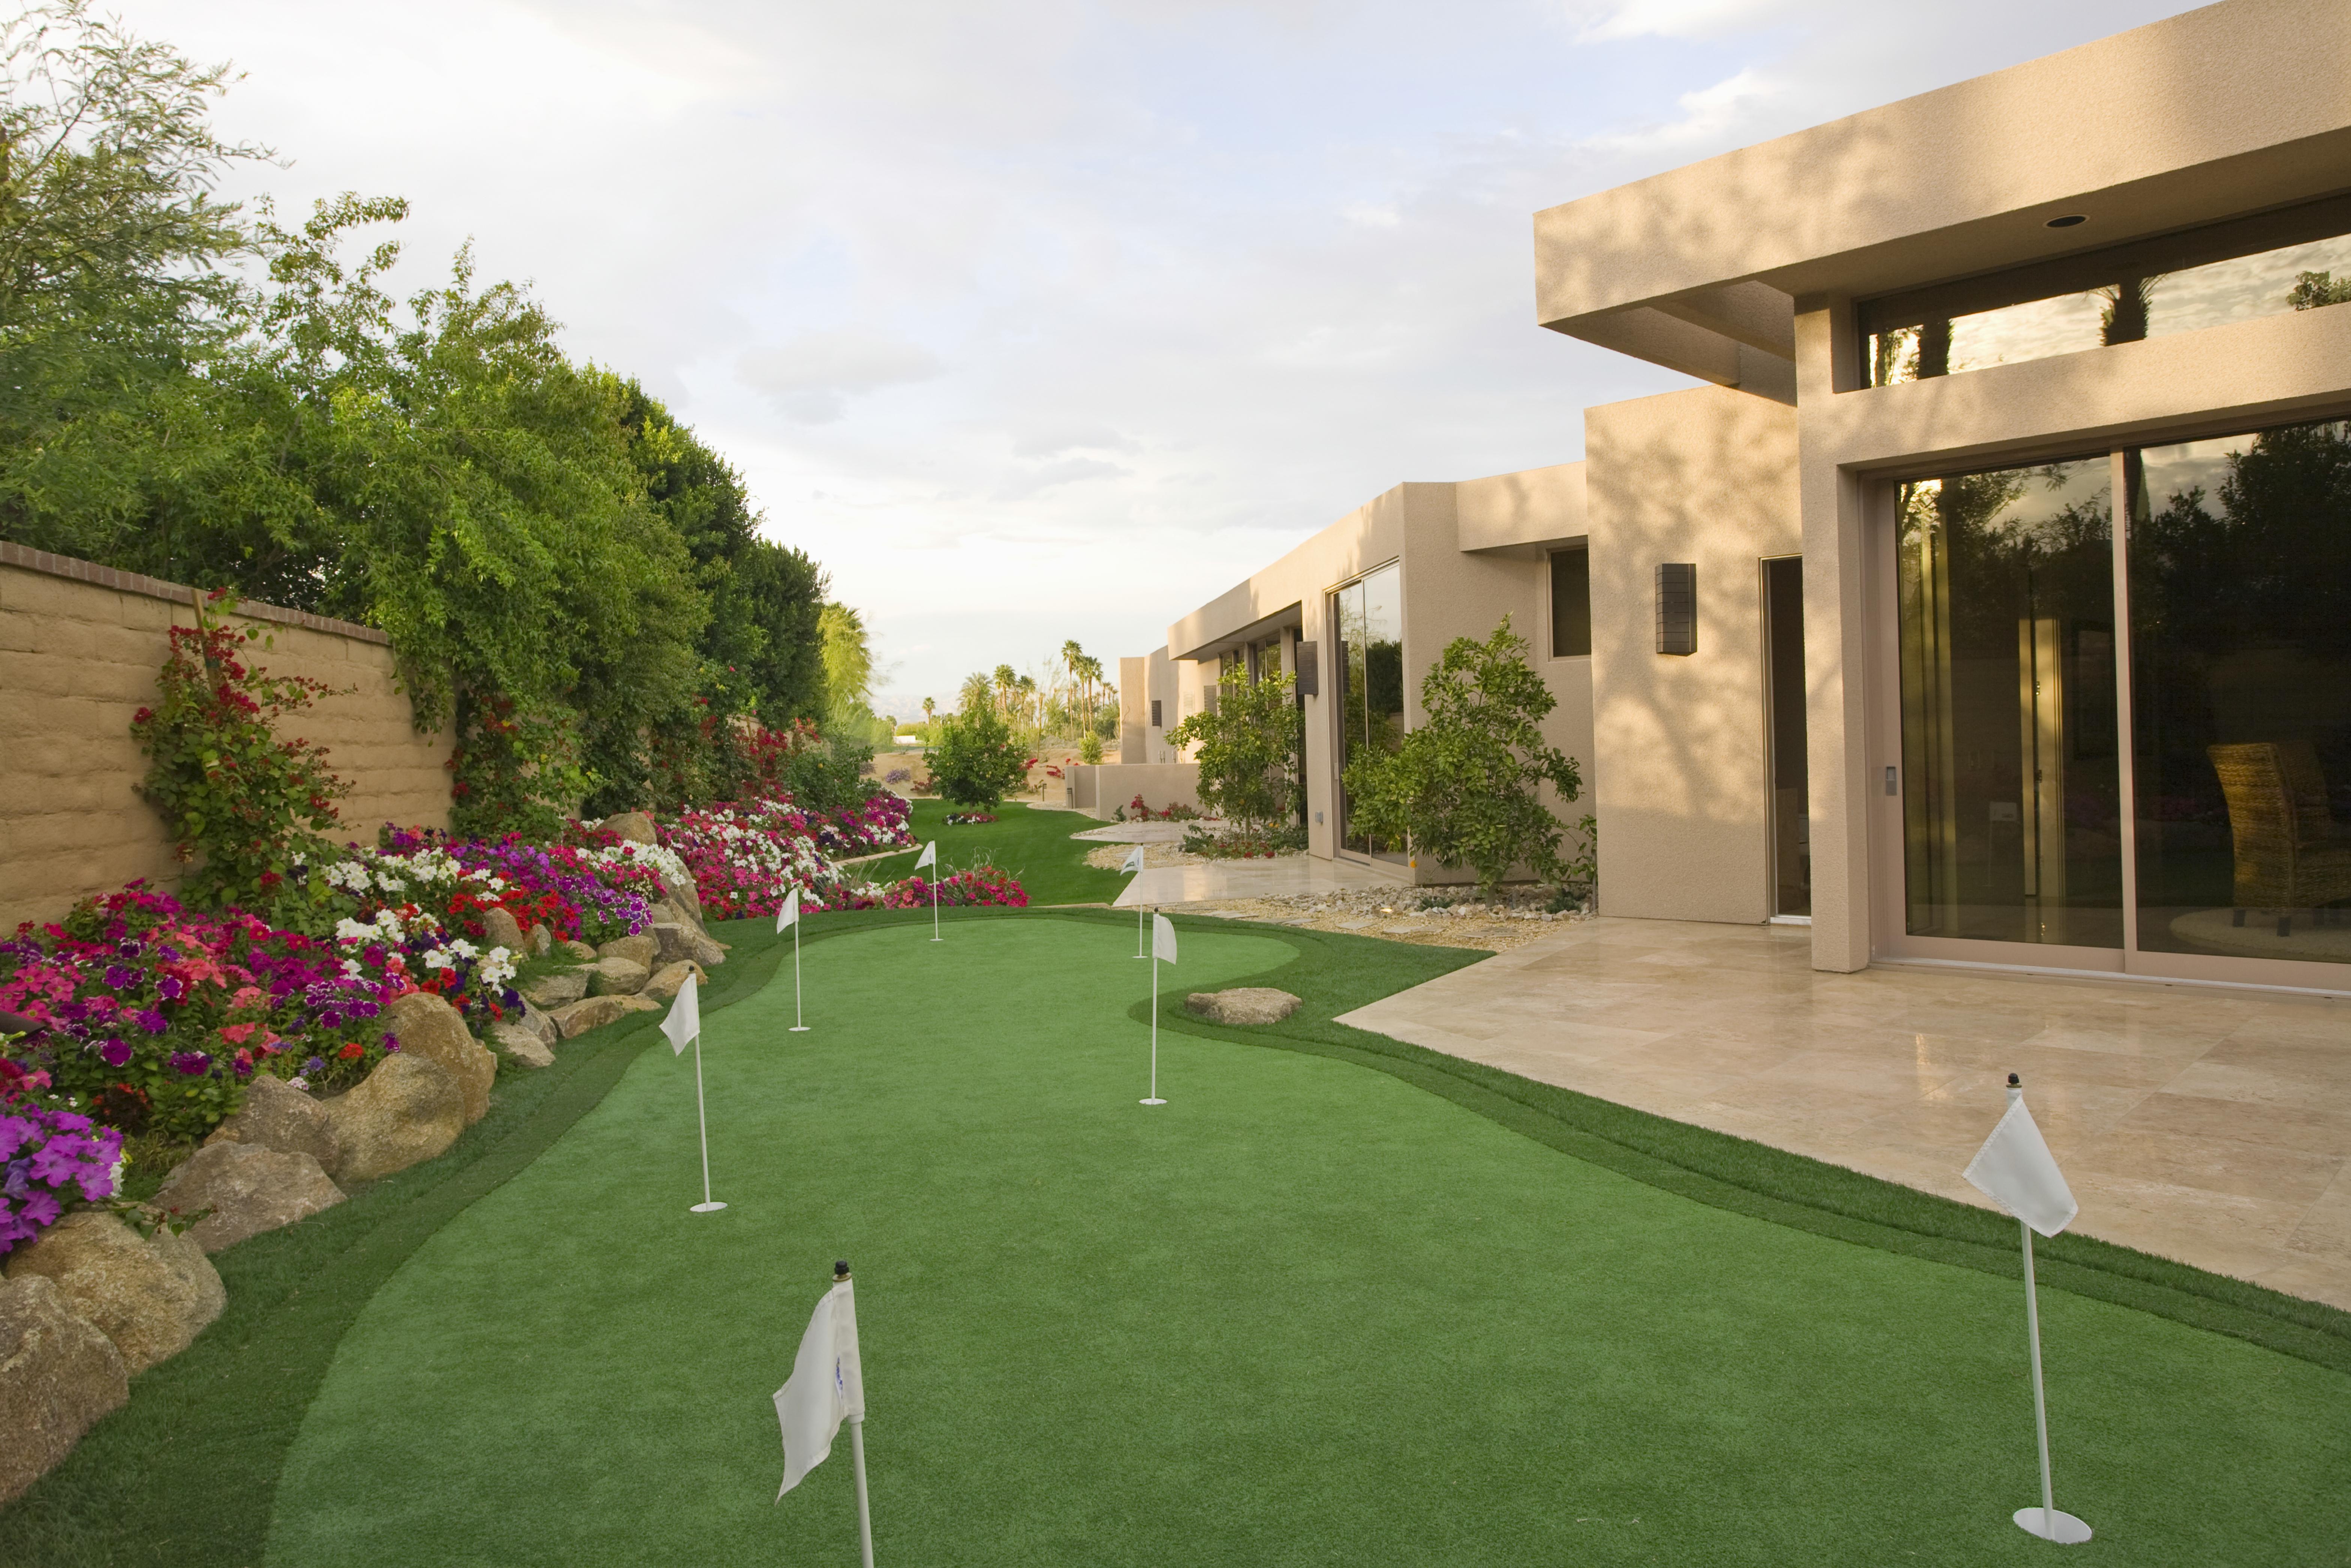 Mini Golf Course In House Garden